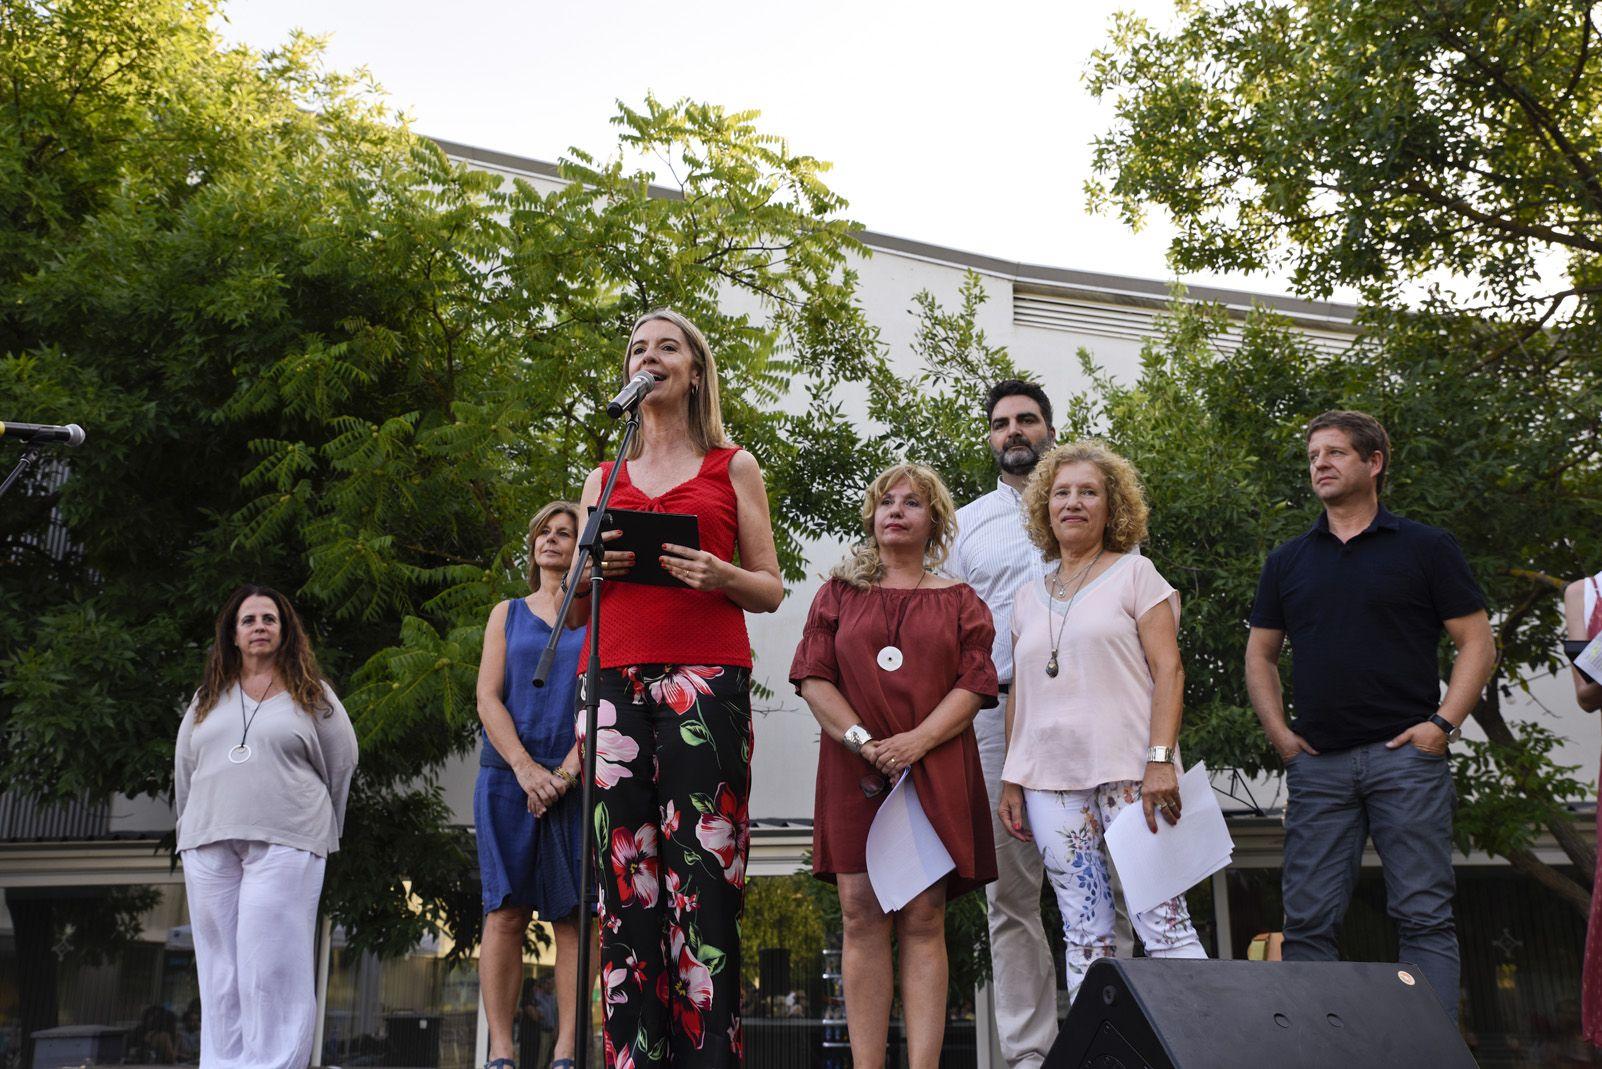 Pregó de Festa Major de Mira-sol. Foto: Bernat Millet.